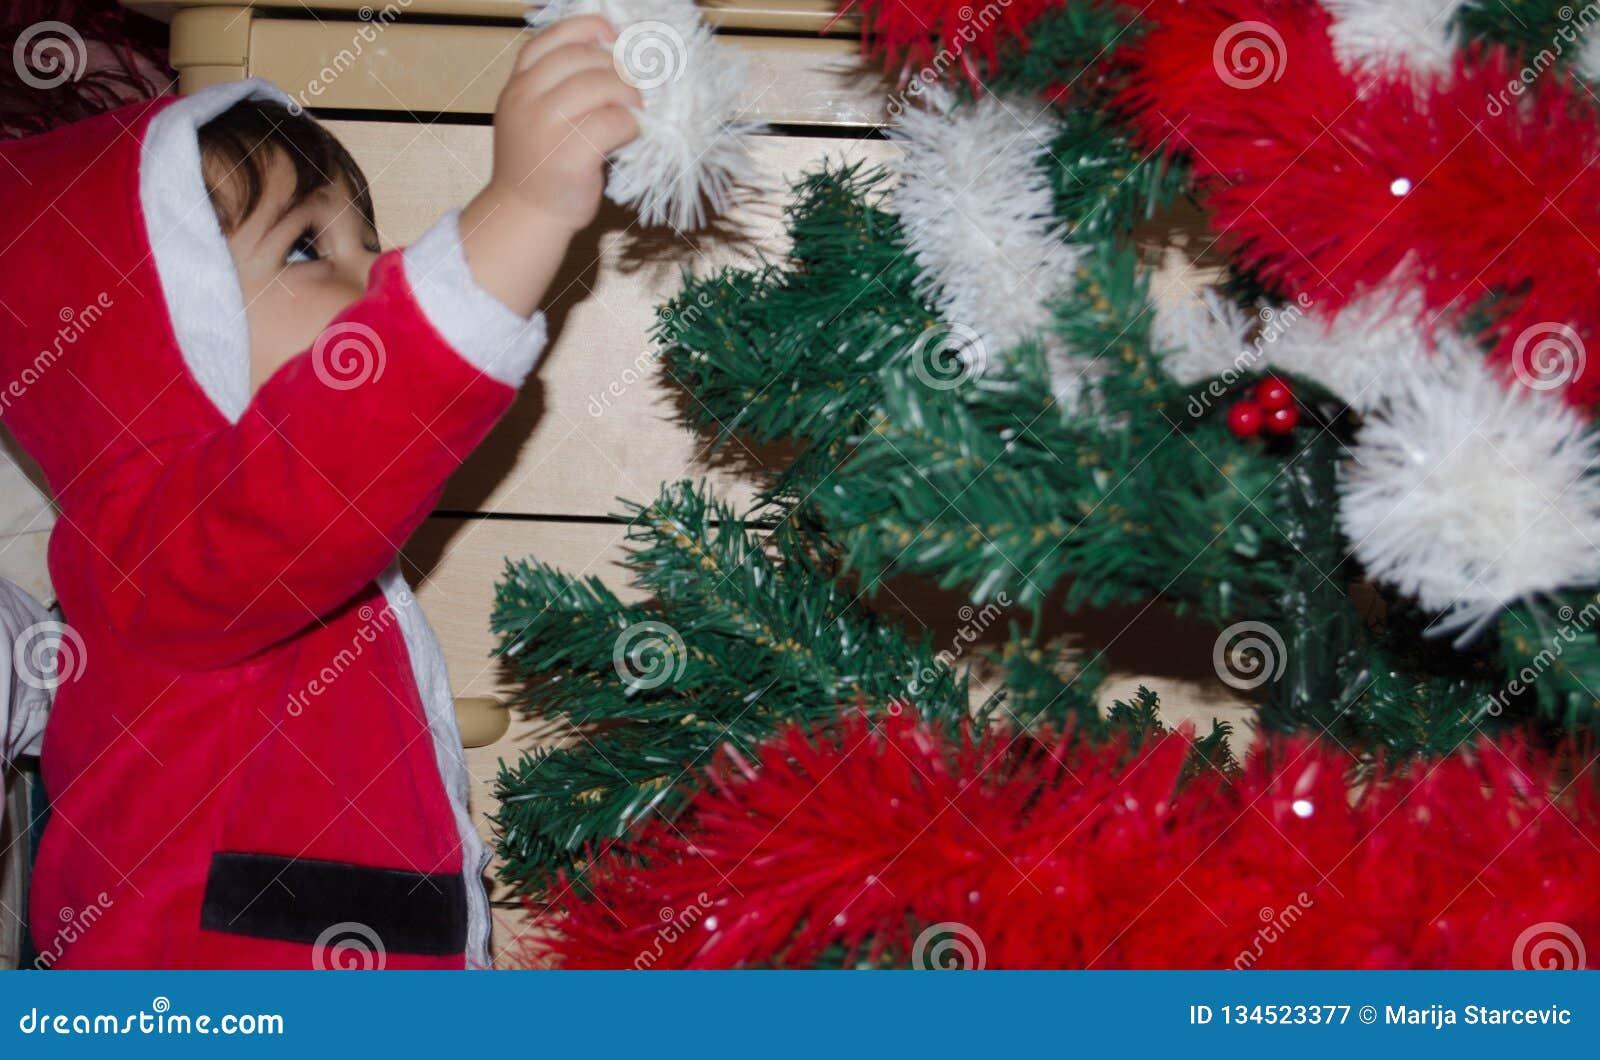 Μικρό παιδί που βάζει τη διακόσμηση Χριστουγέννων στο χριστουγεννιάτικο δέντρο